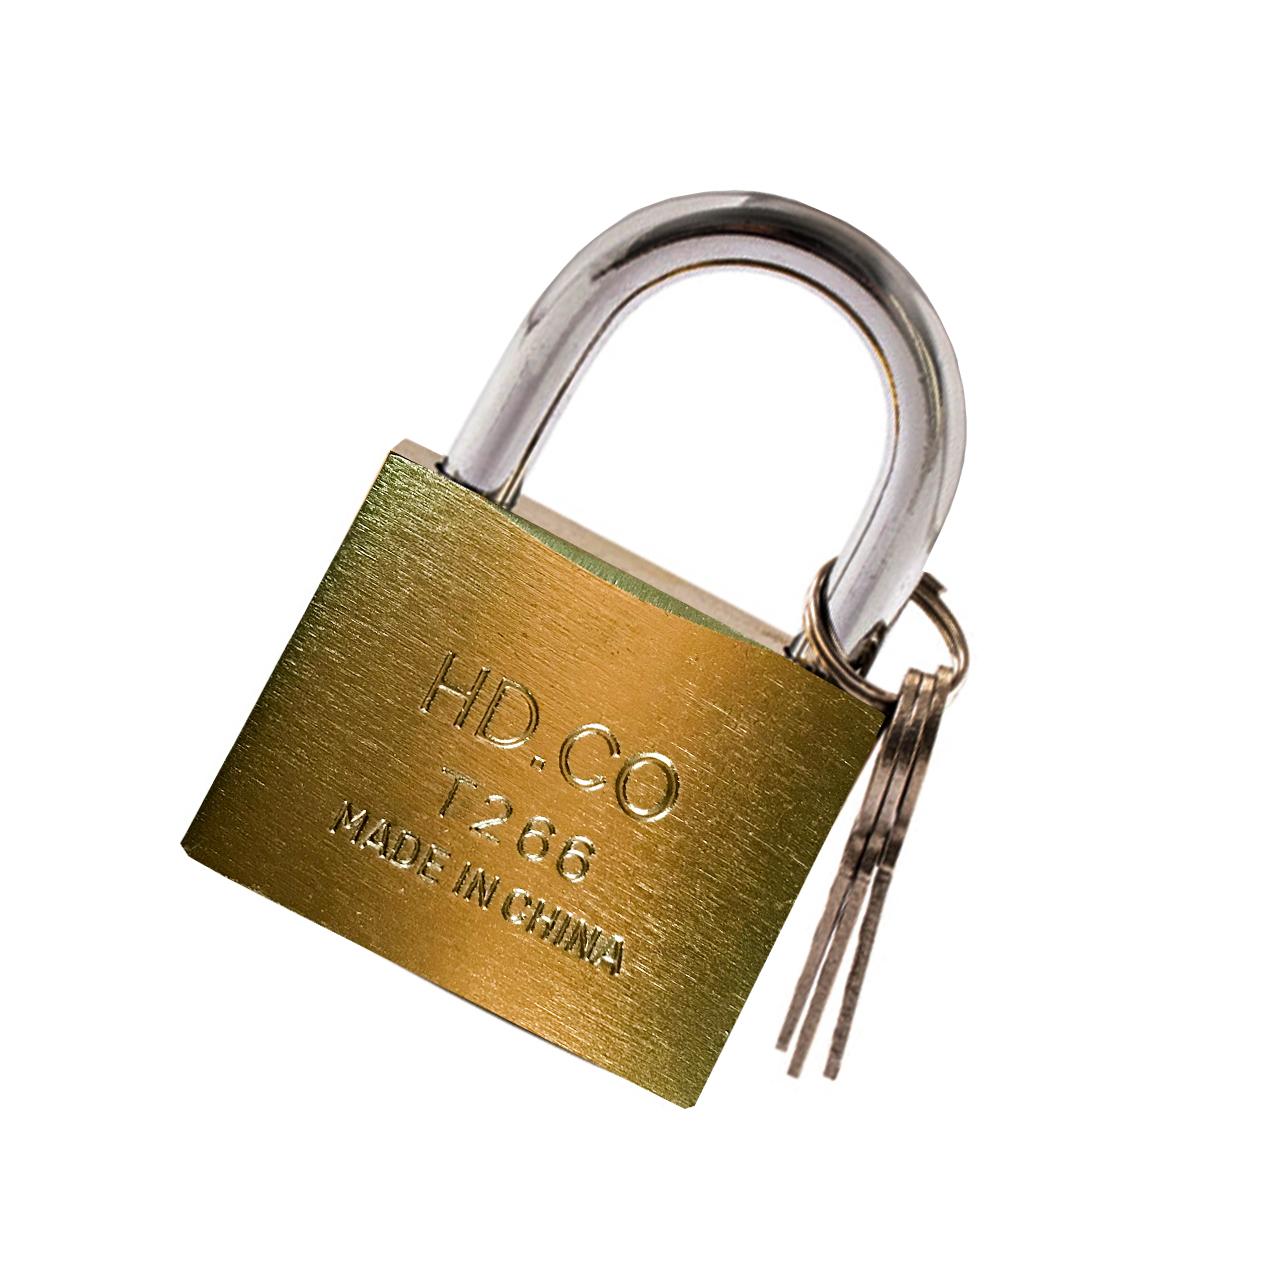 قفل آویز اچ دی کو کد TDCO-266